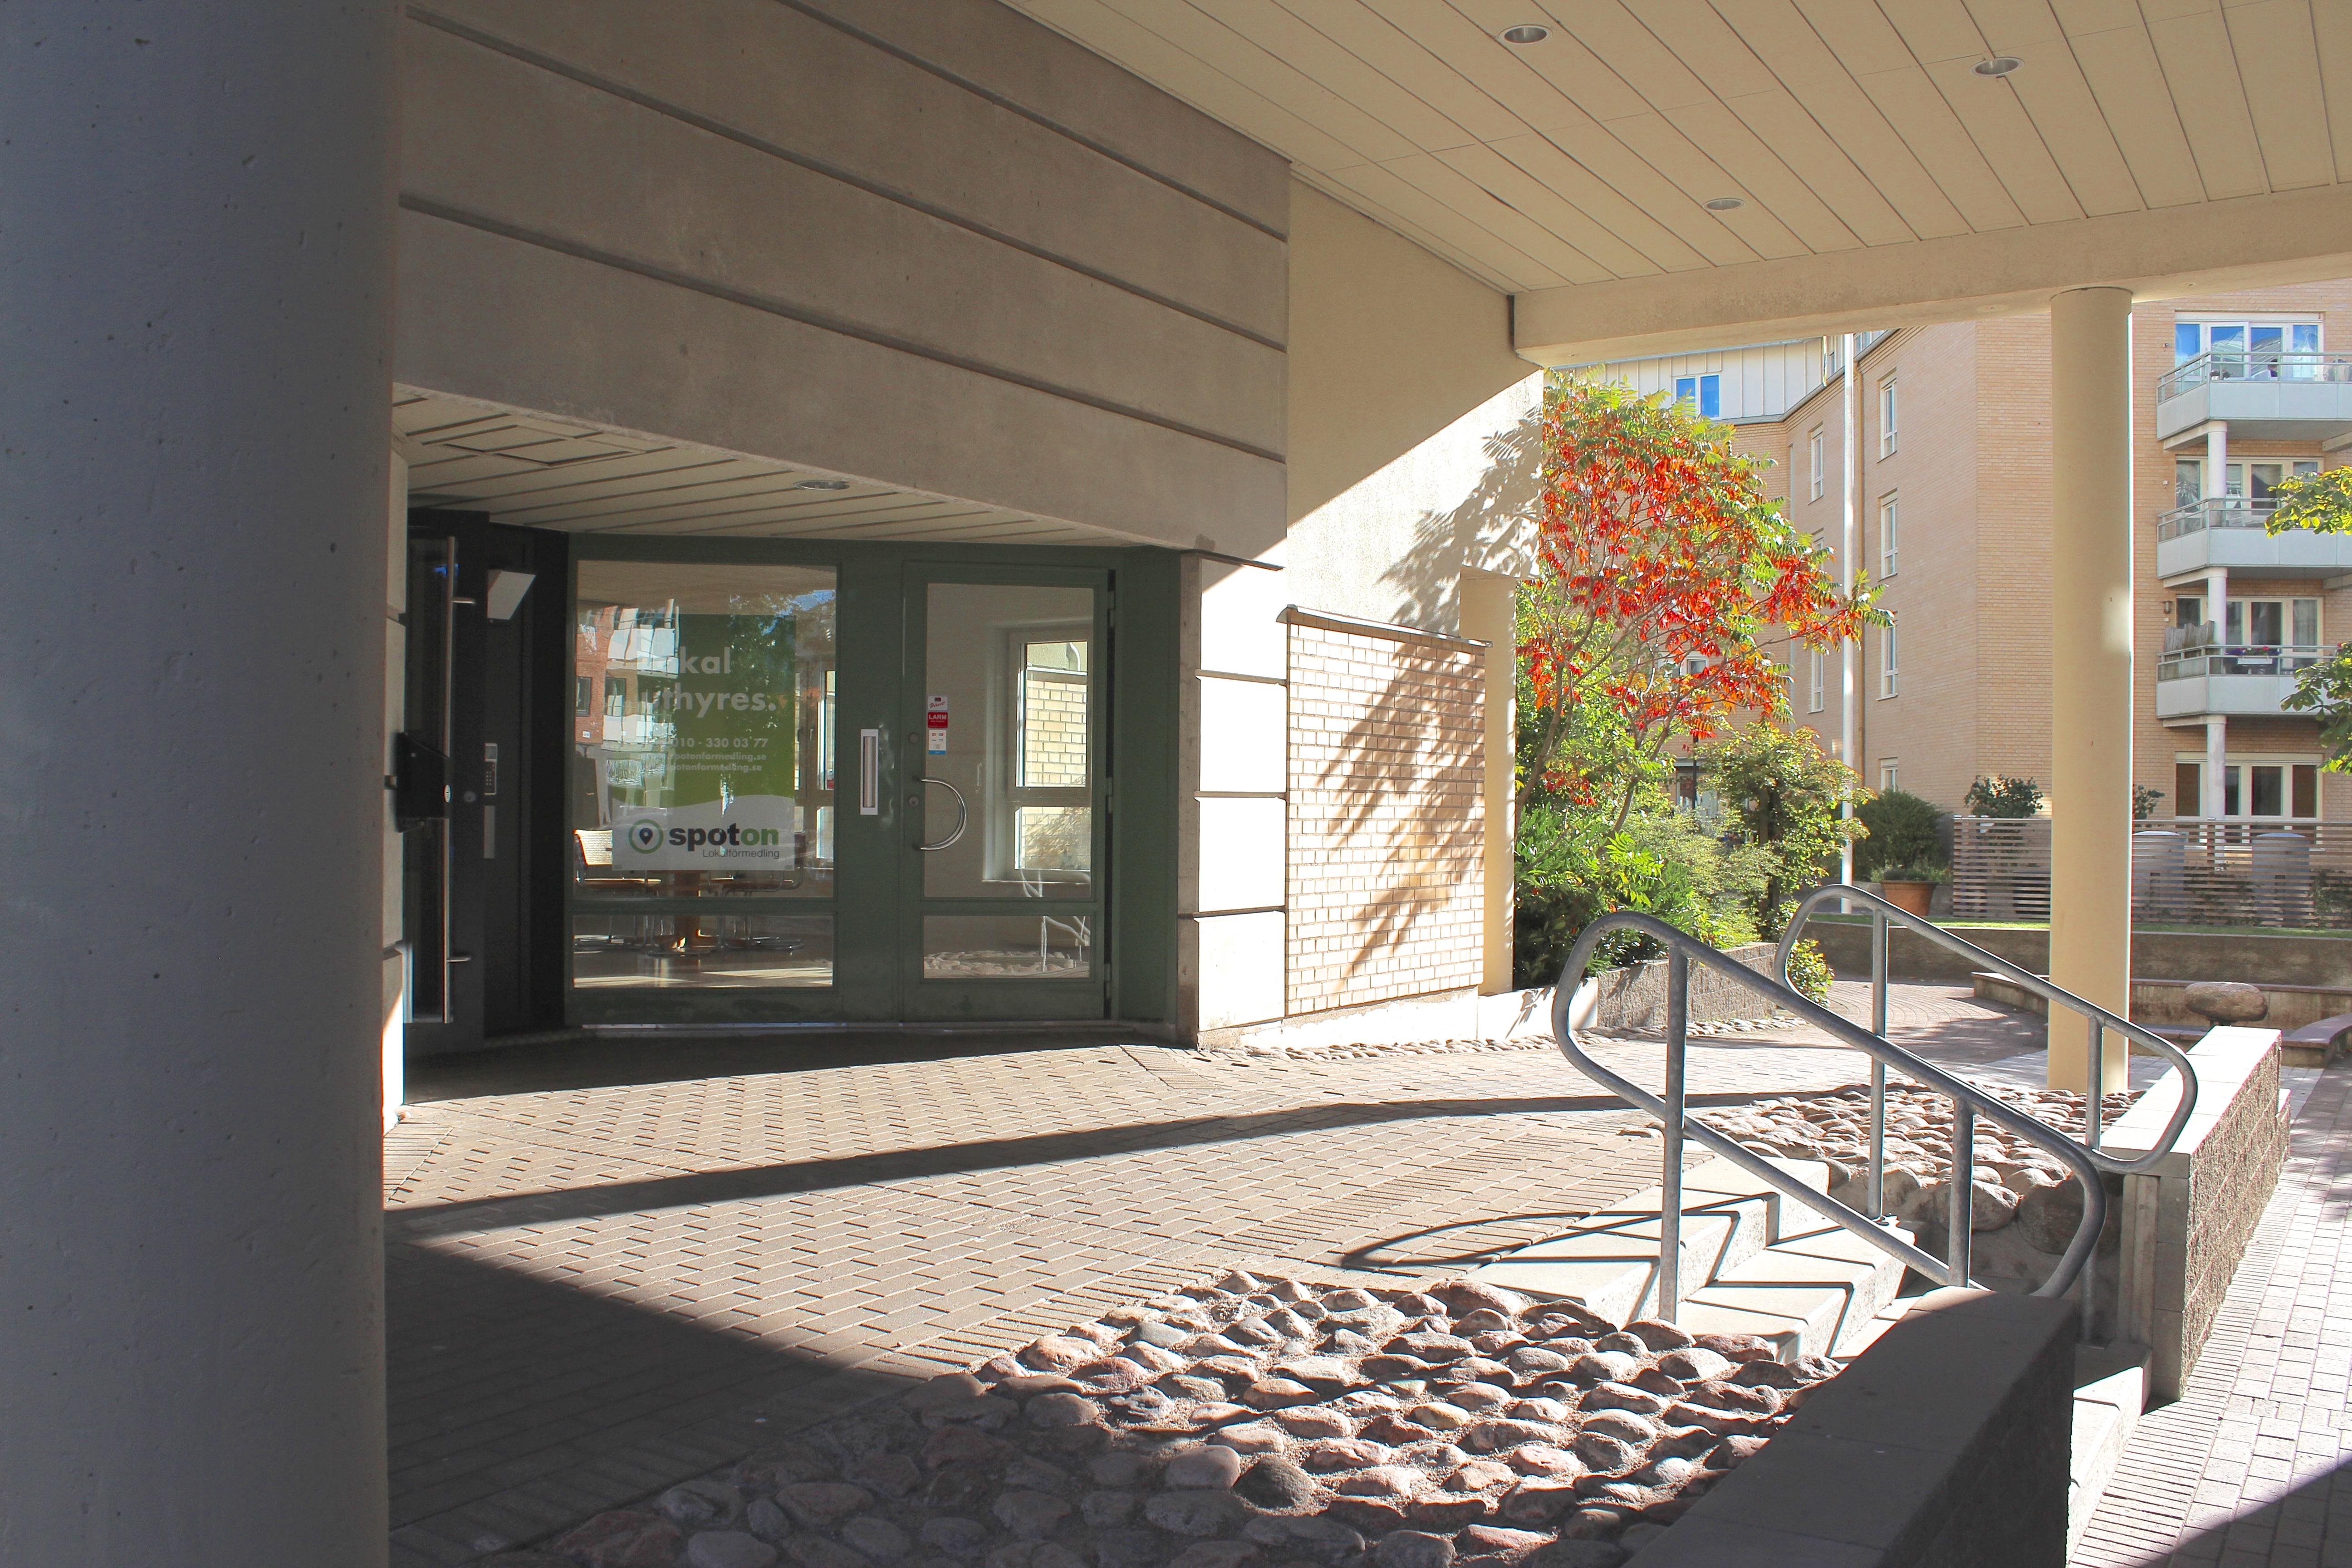 Litet kontor vid Gamletull med egen uteplats - Spot On Lokalförmedling